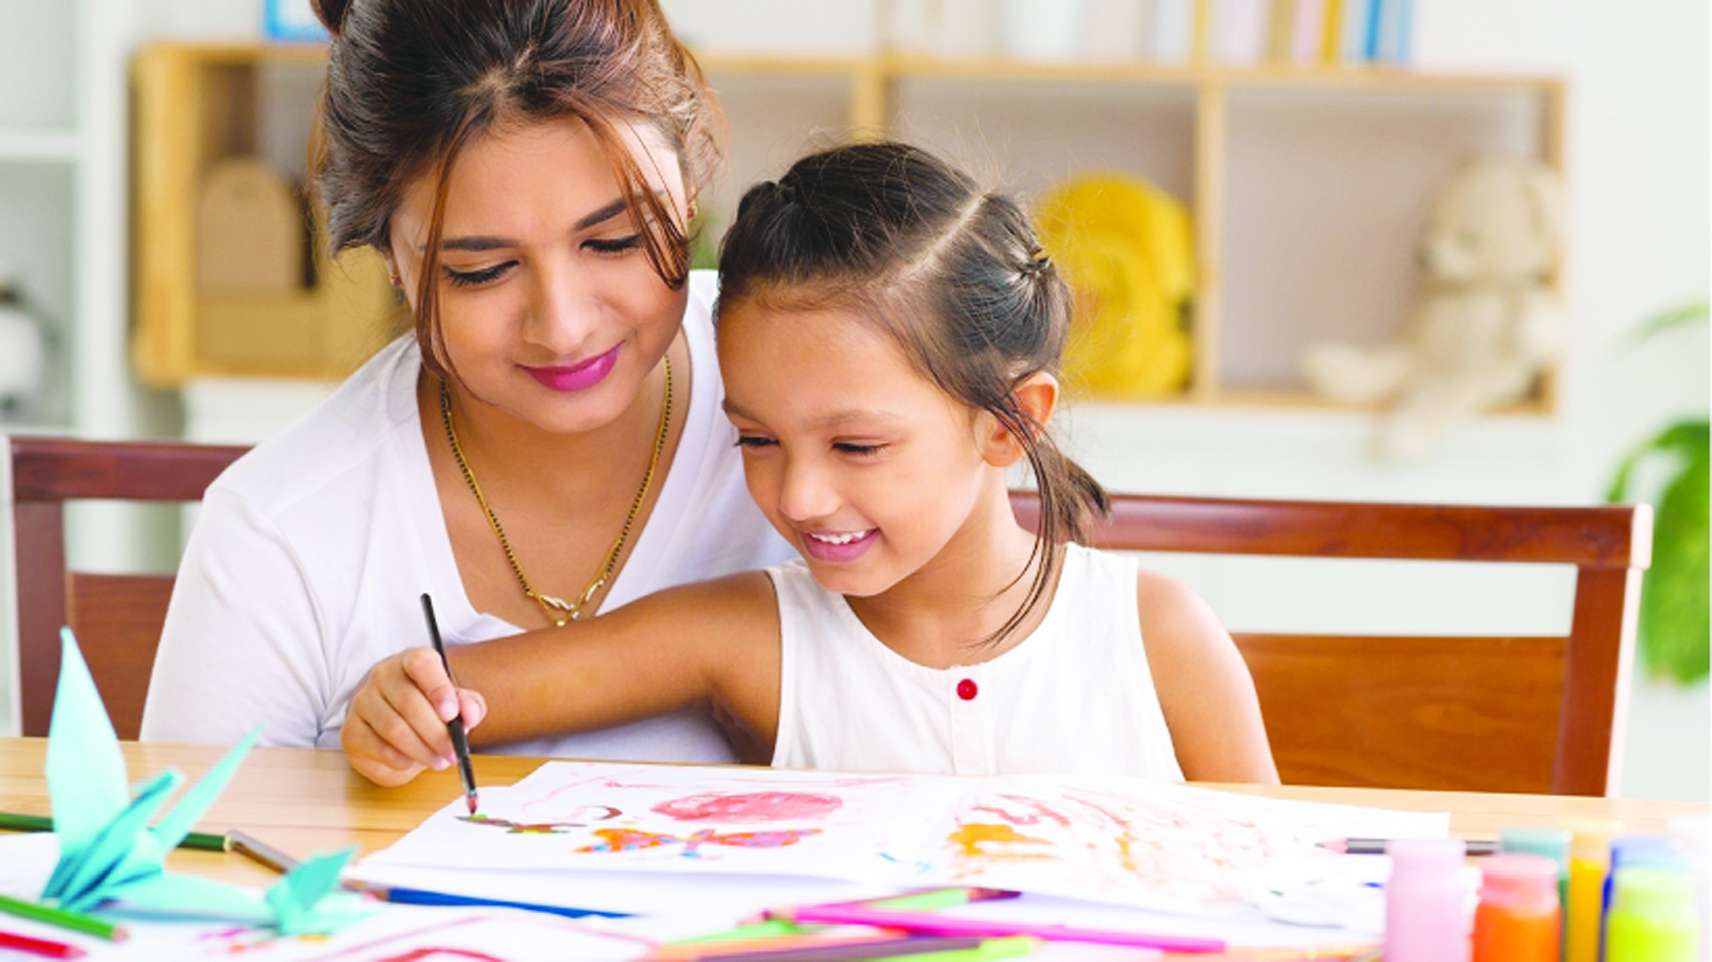 School Students' Parent Survey